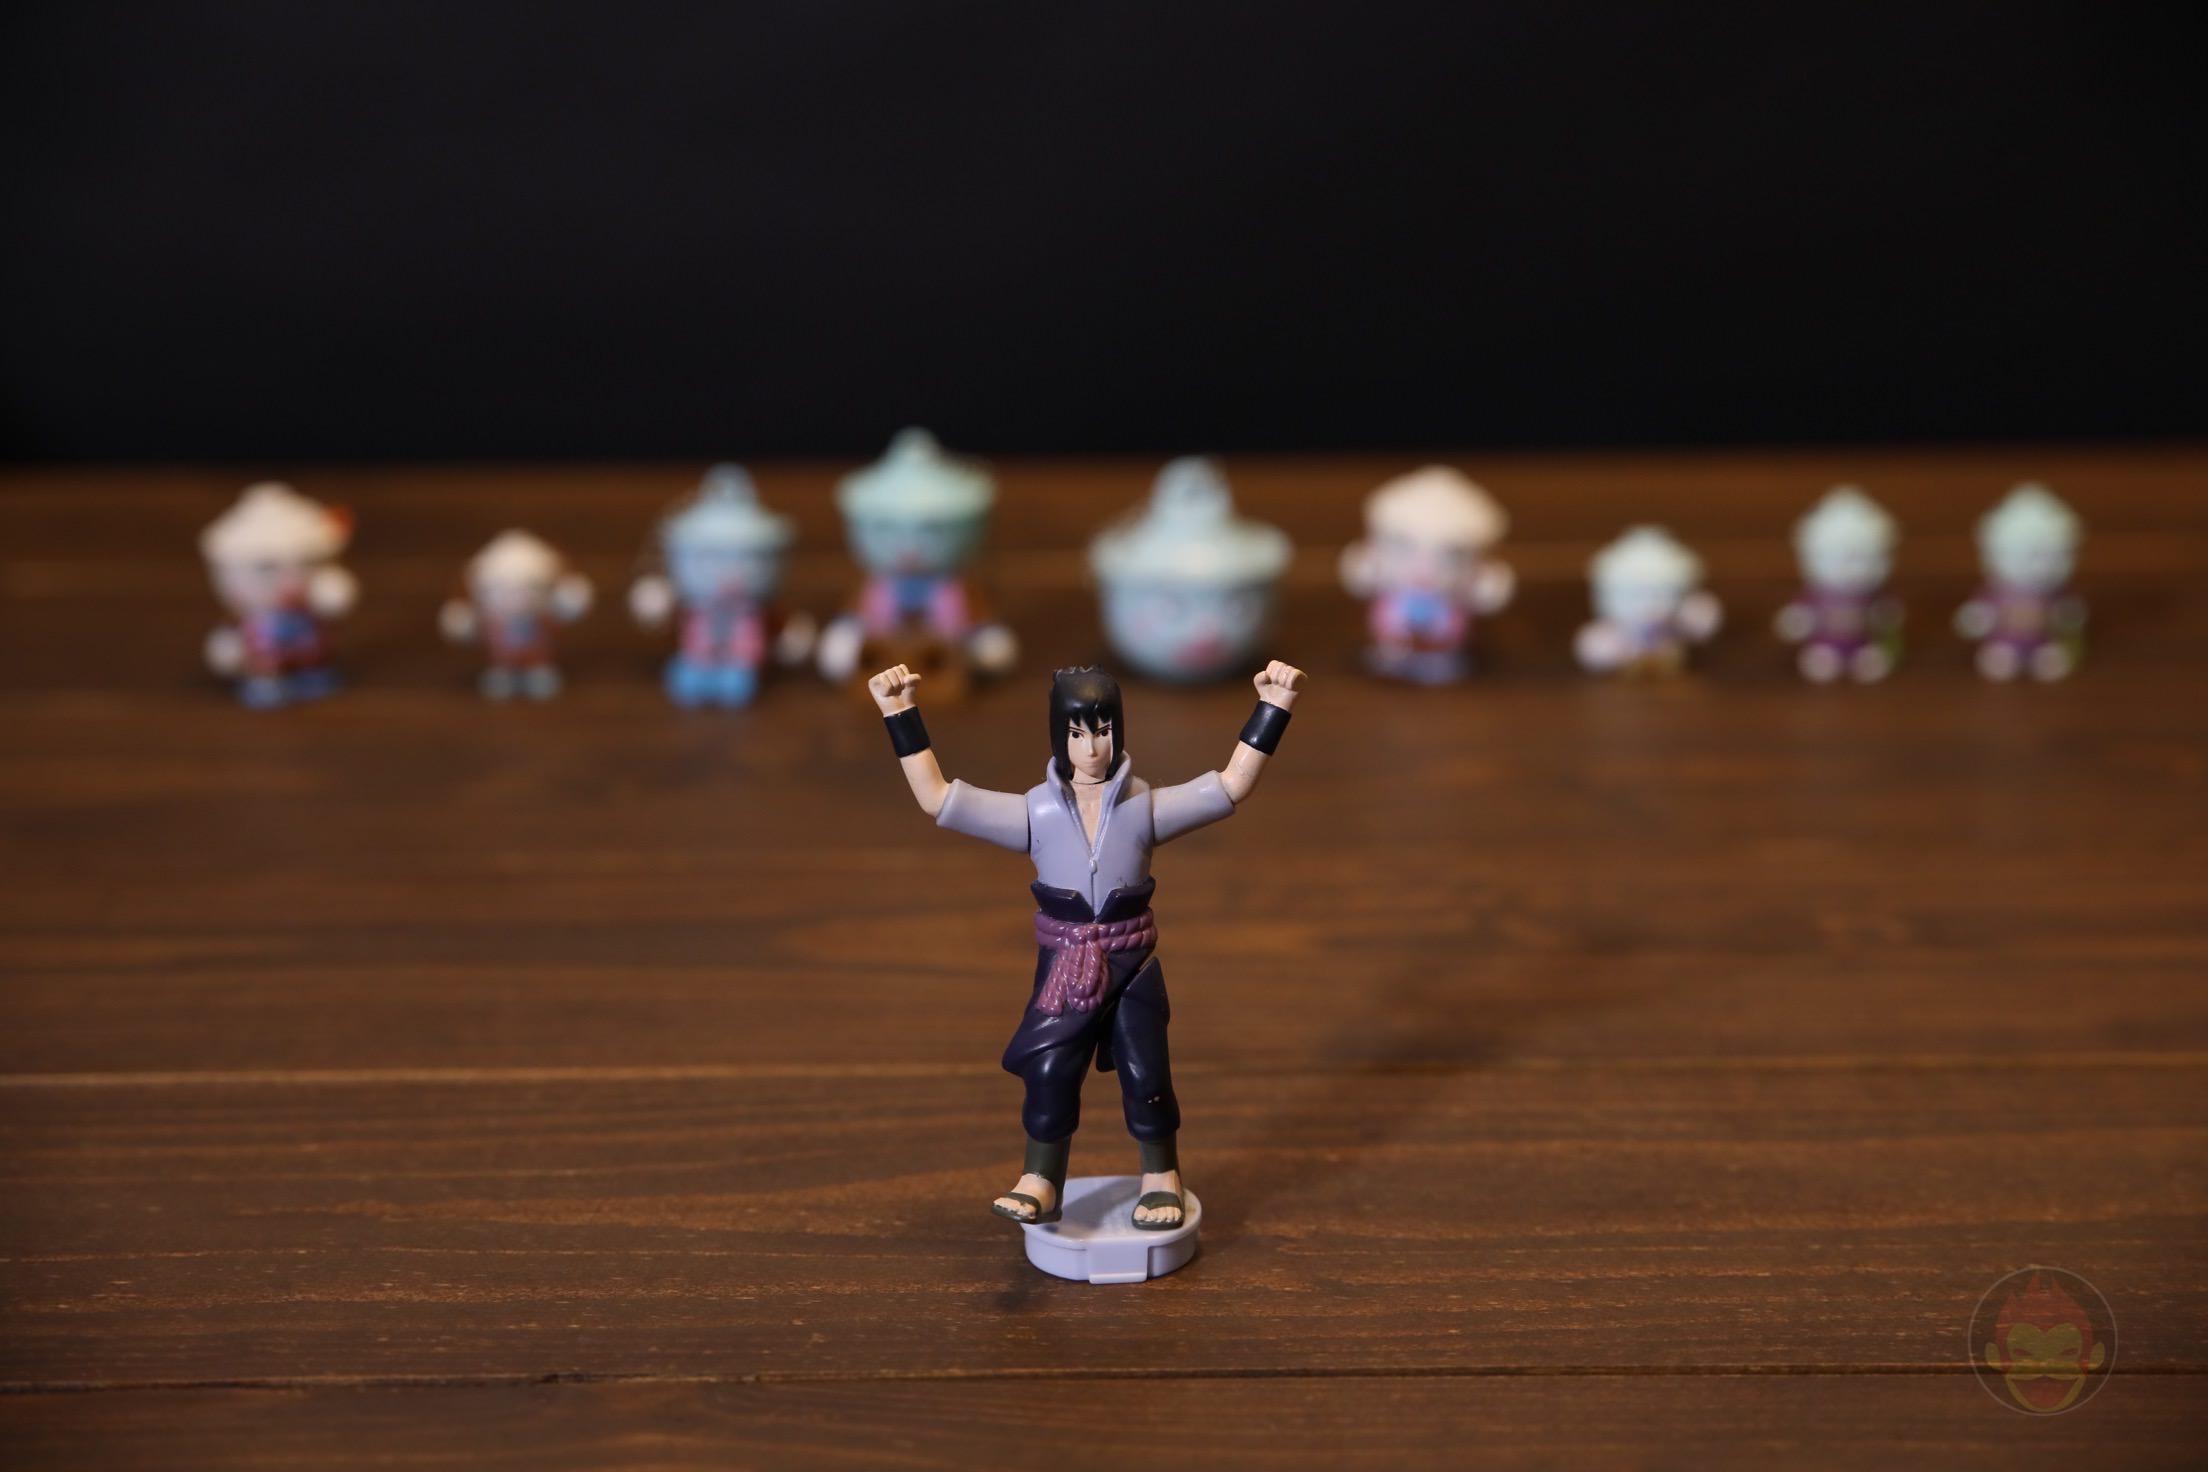 sasuke-photo-sample-mark4.JPG